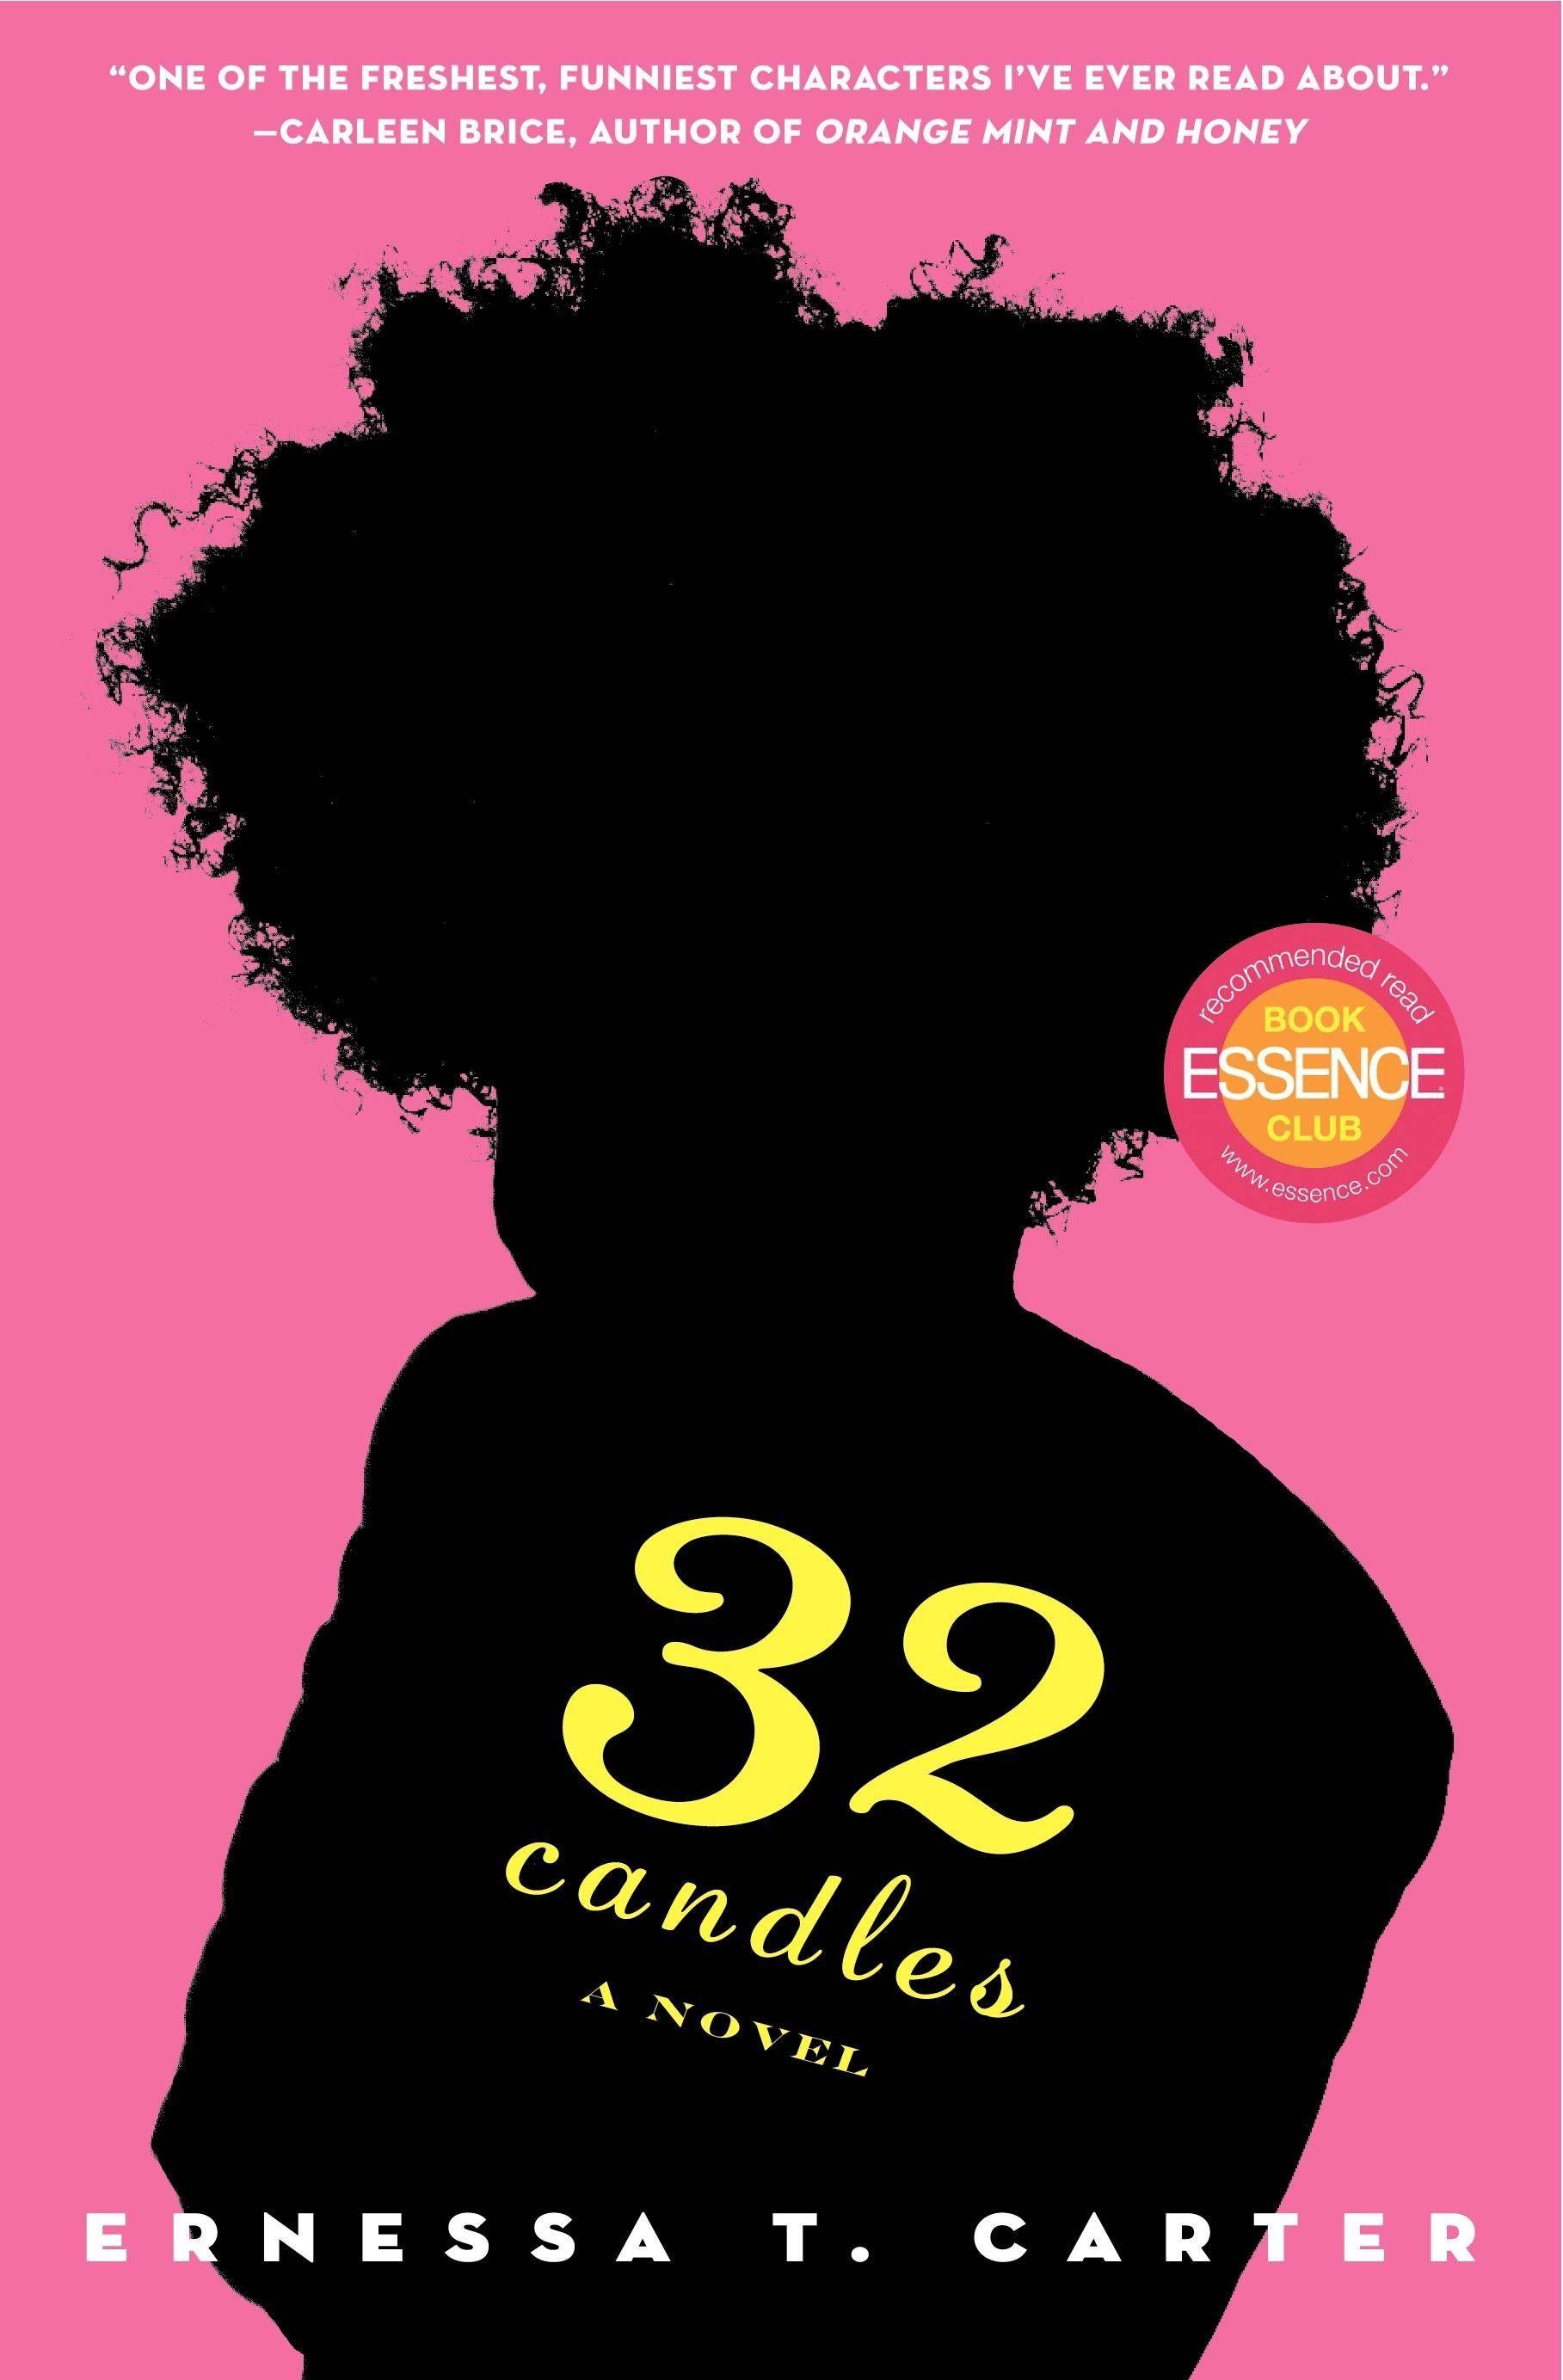 Ernessa T Carter 32 Candles